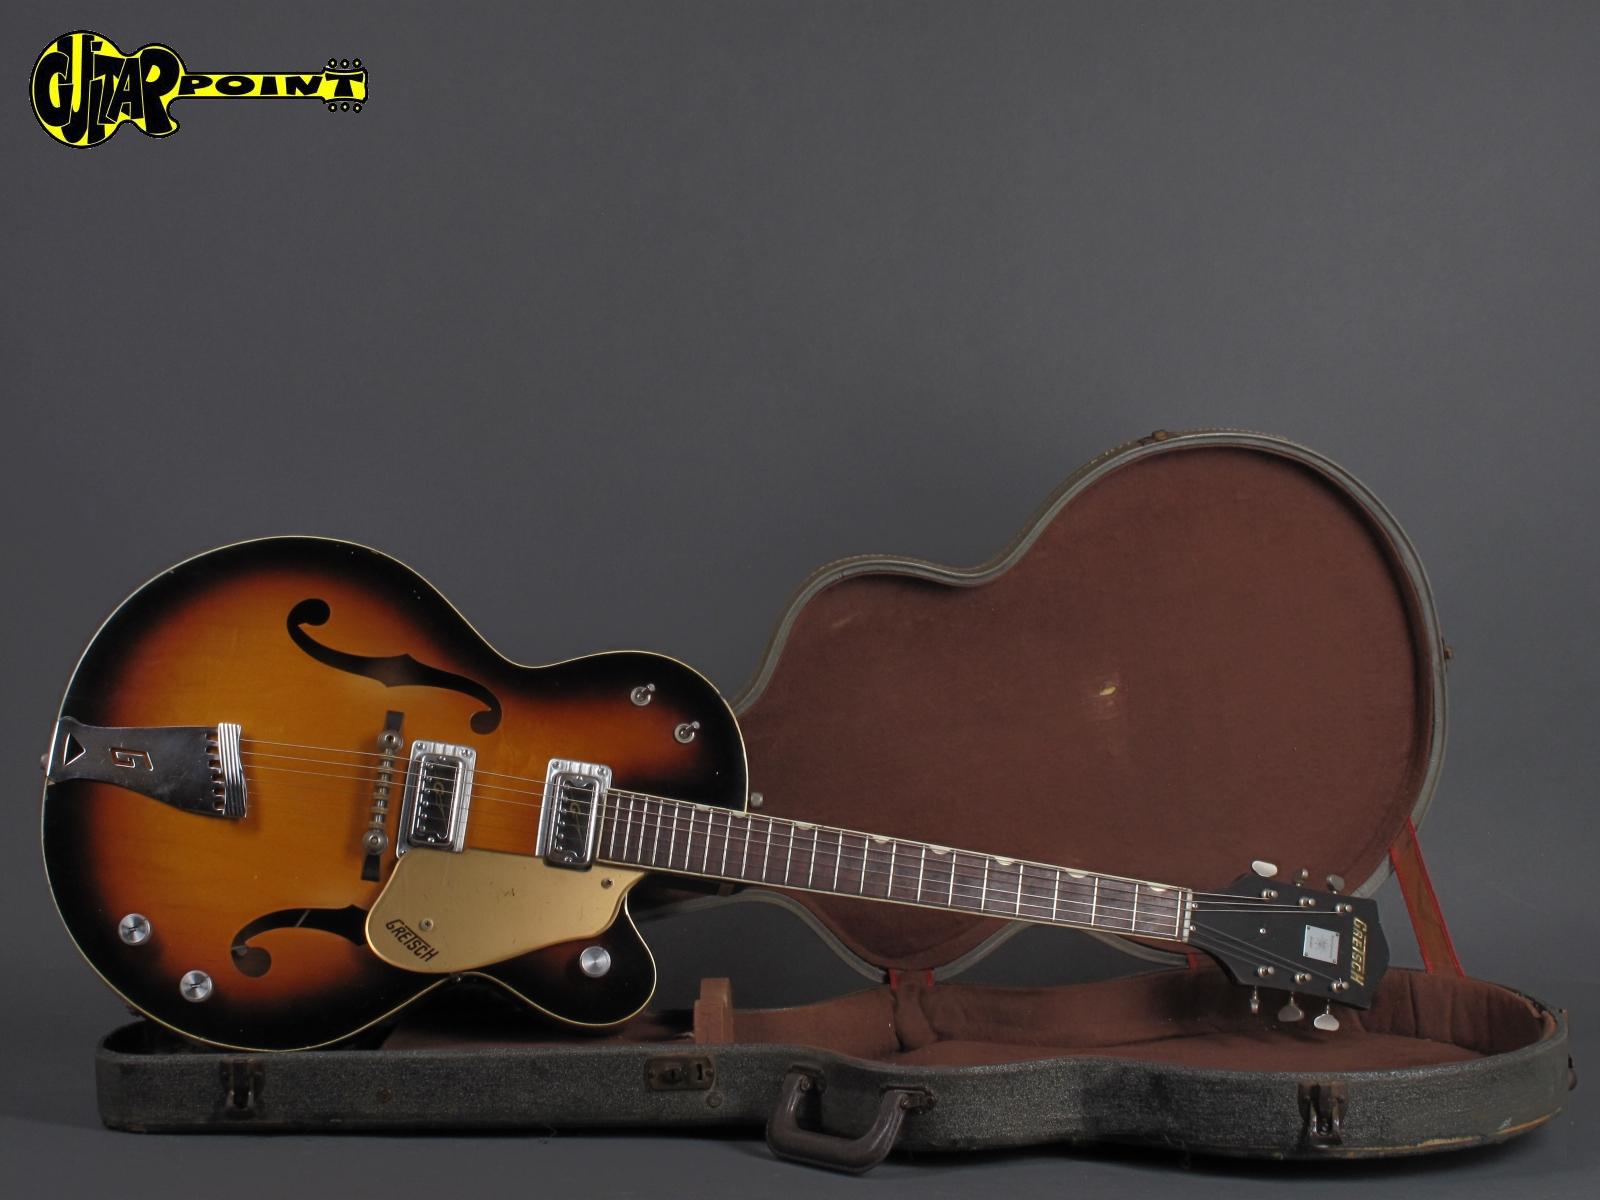 https://guitarpoint.de/app/uploads/products/1968-gretsch-6117-double-anniversary-sunburst/Gretsch68DblAnniSB88529_4.jpg